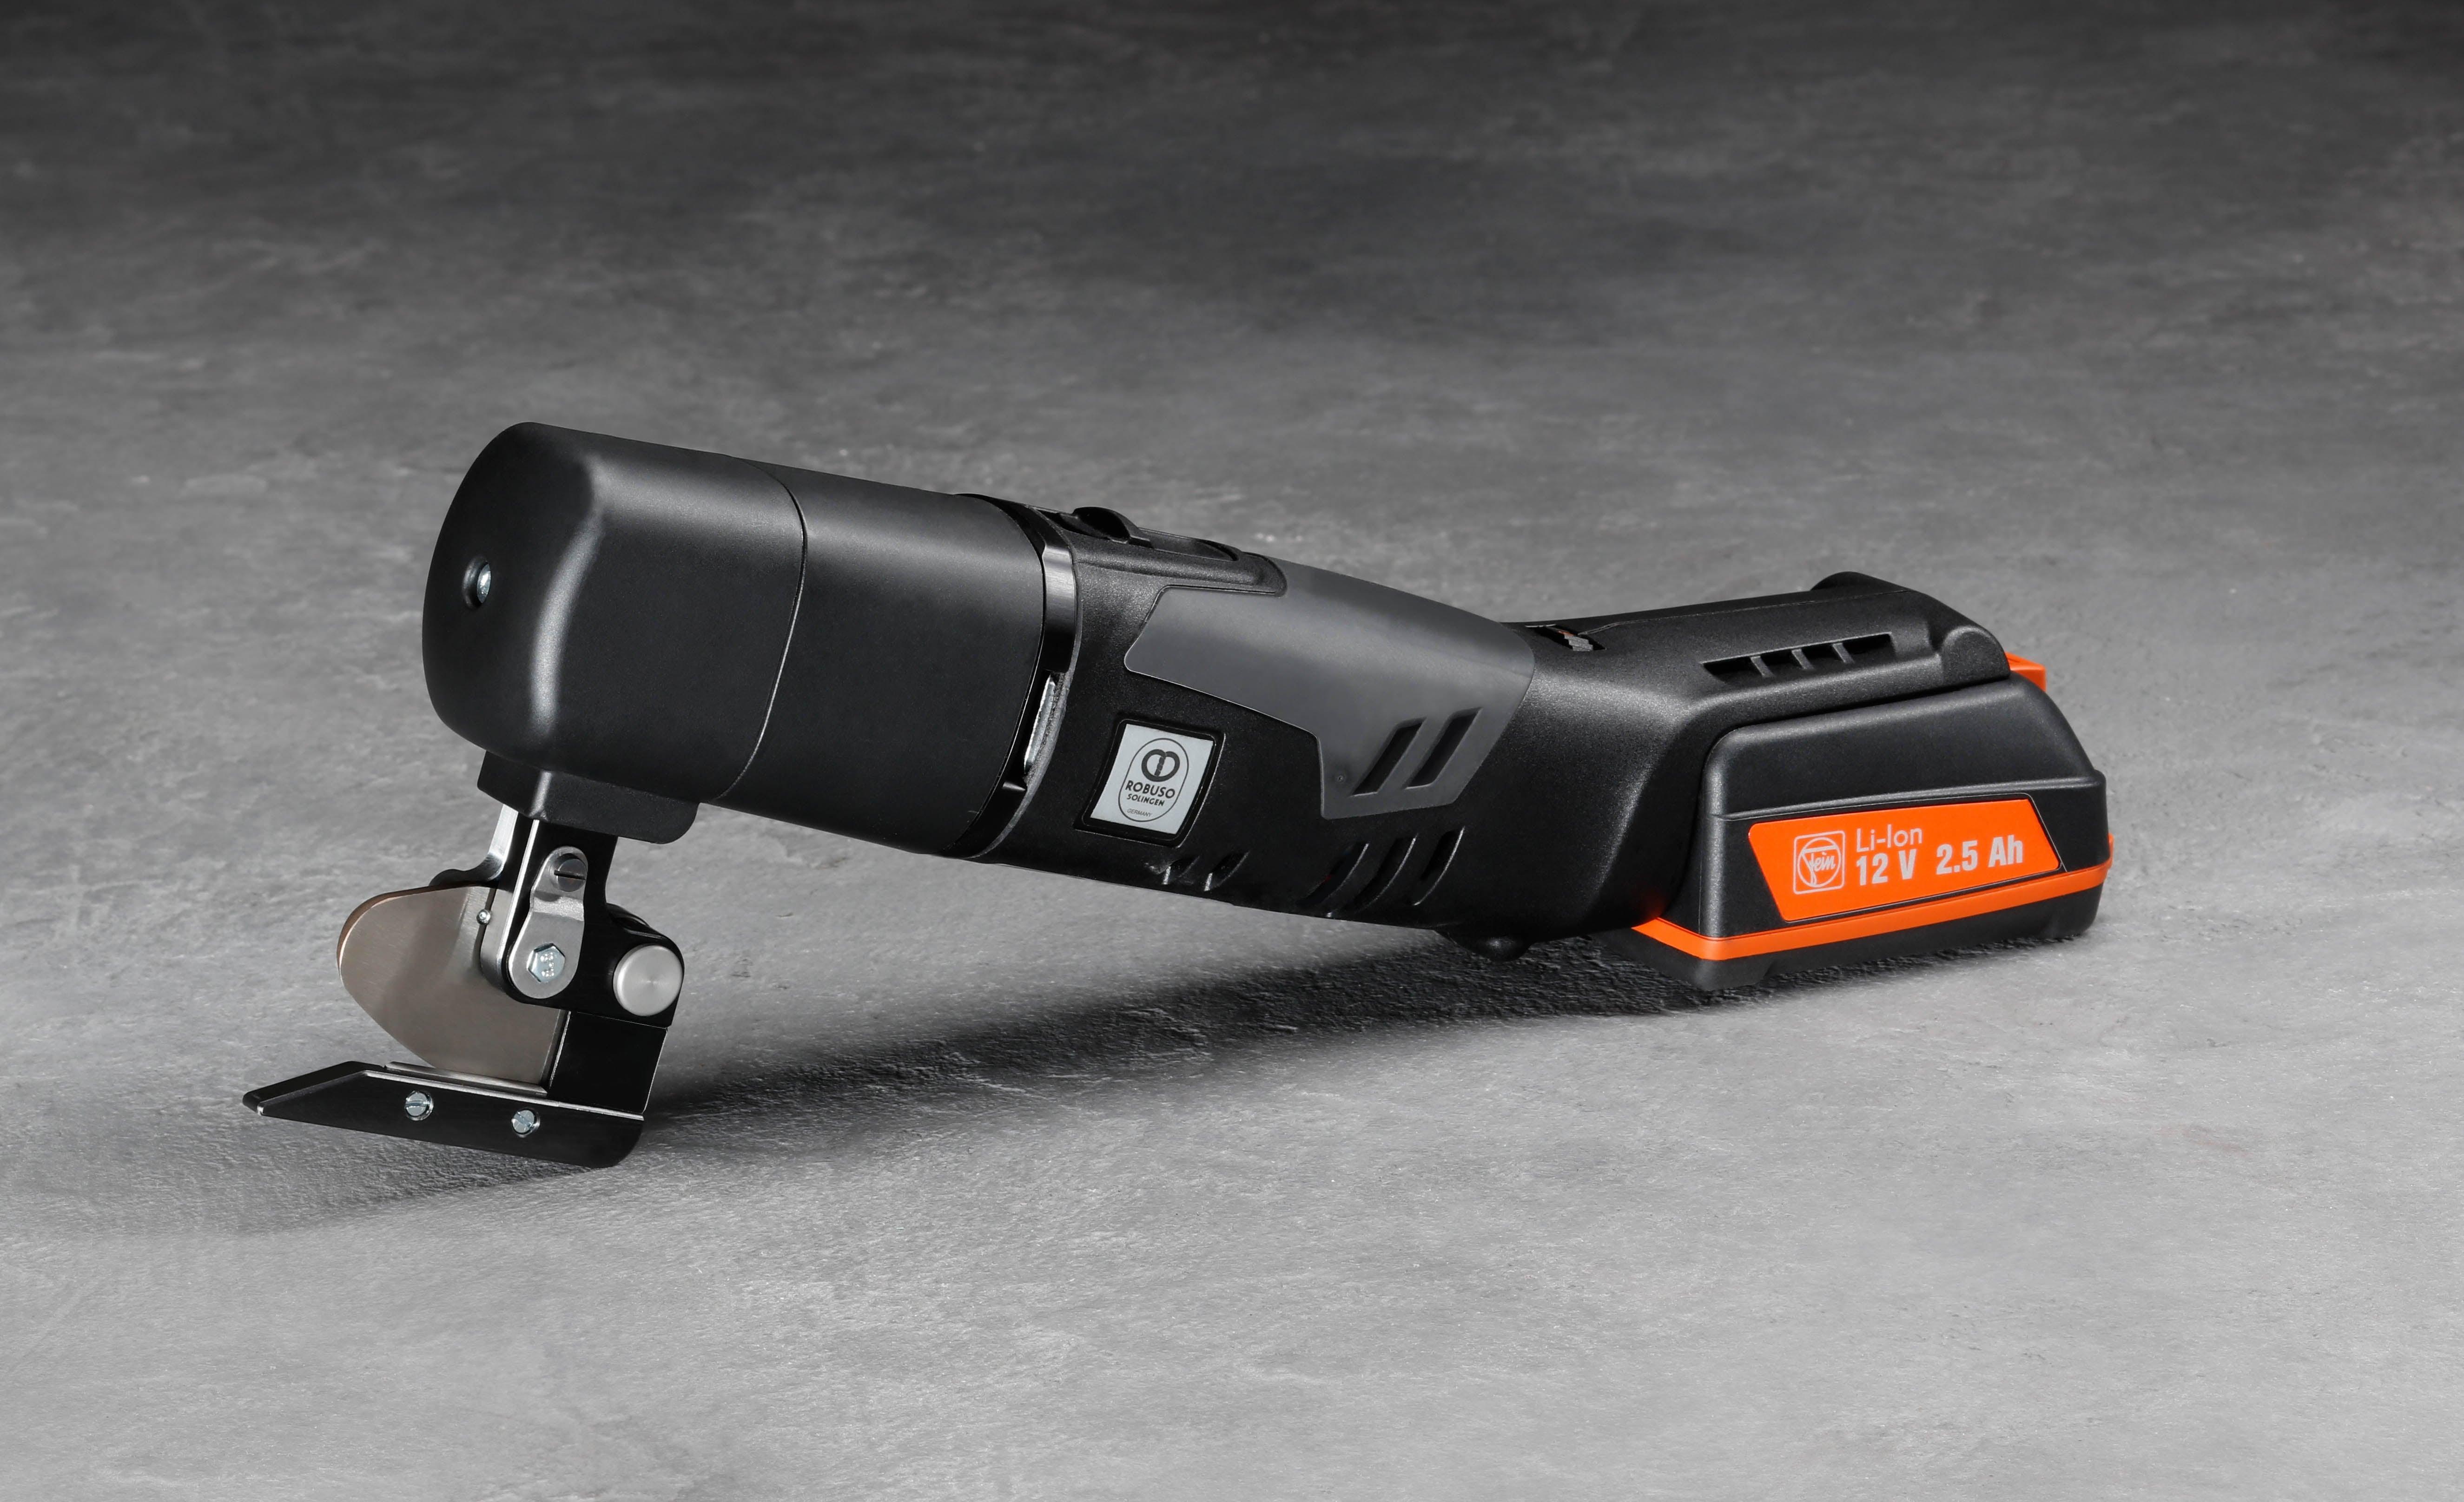 Power Cutter R1 B70,für klassische Textilien